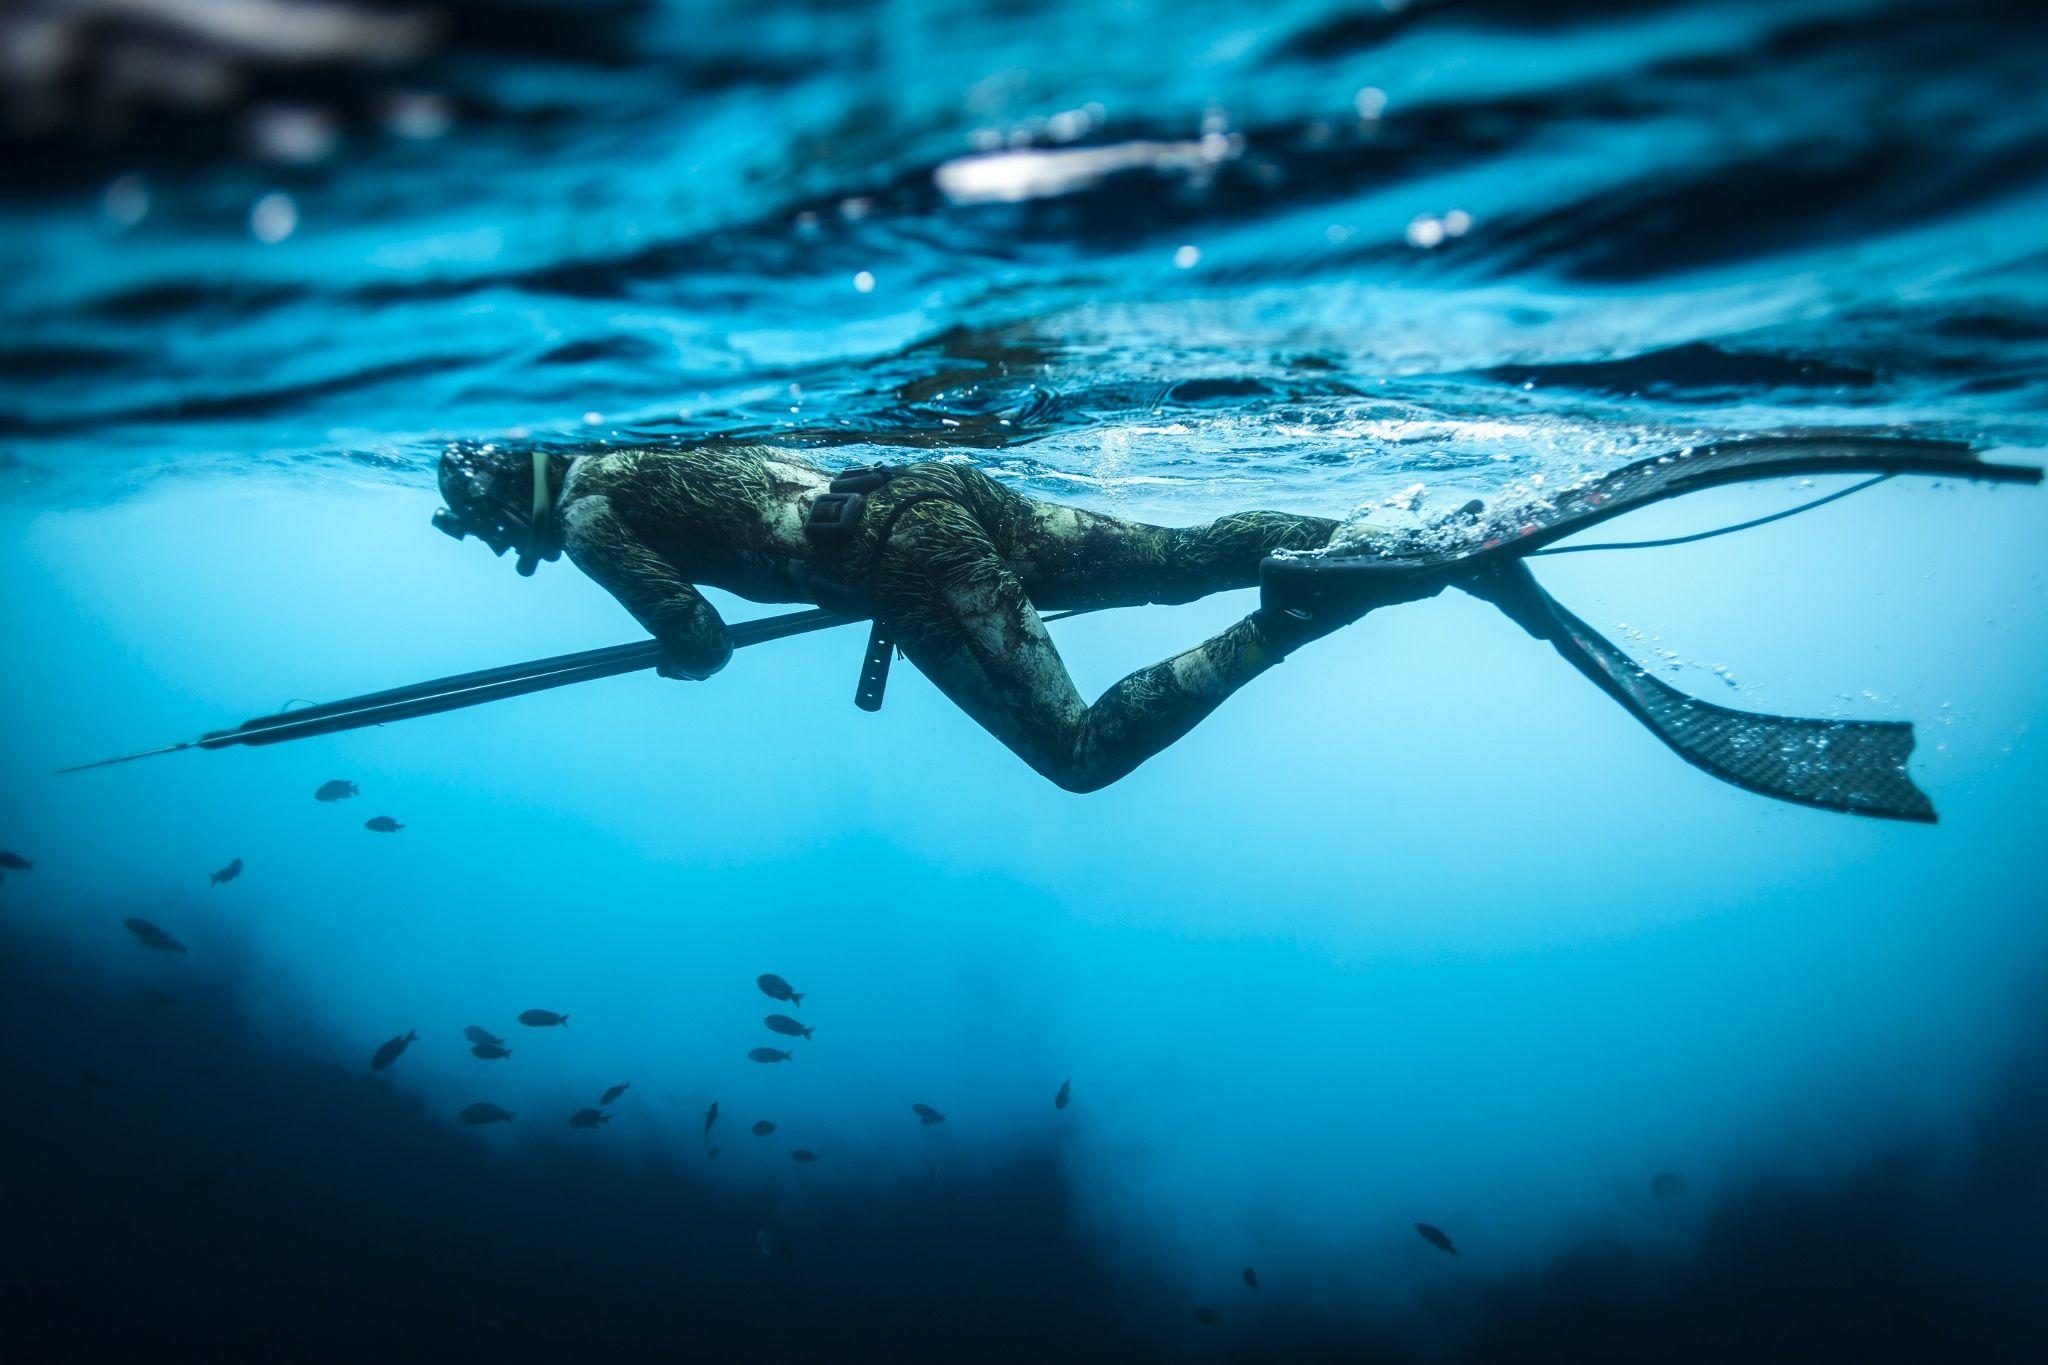 Spearfishing spearfishing offshore fishing underwater